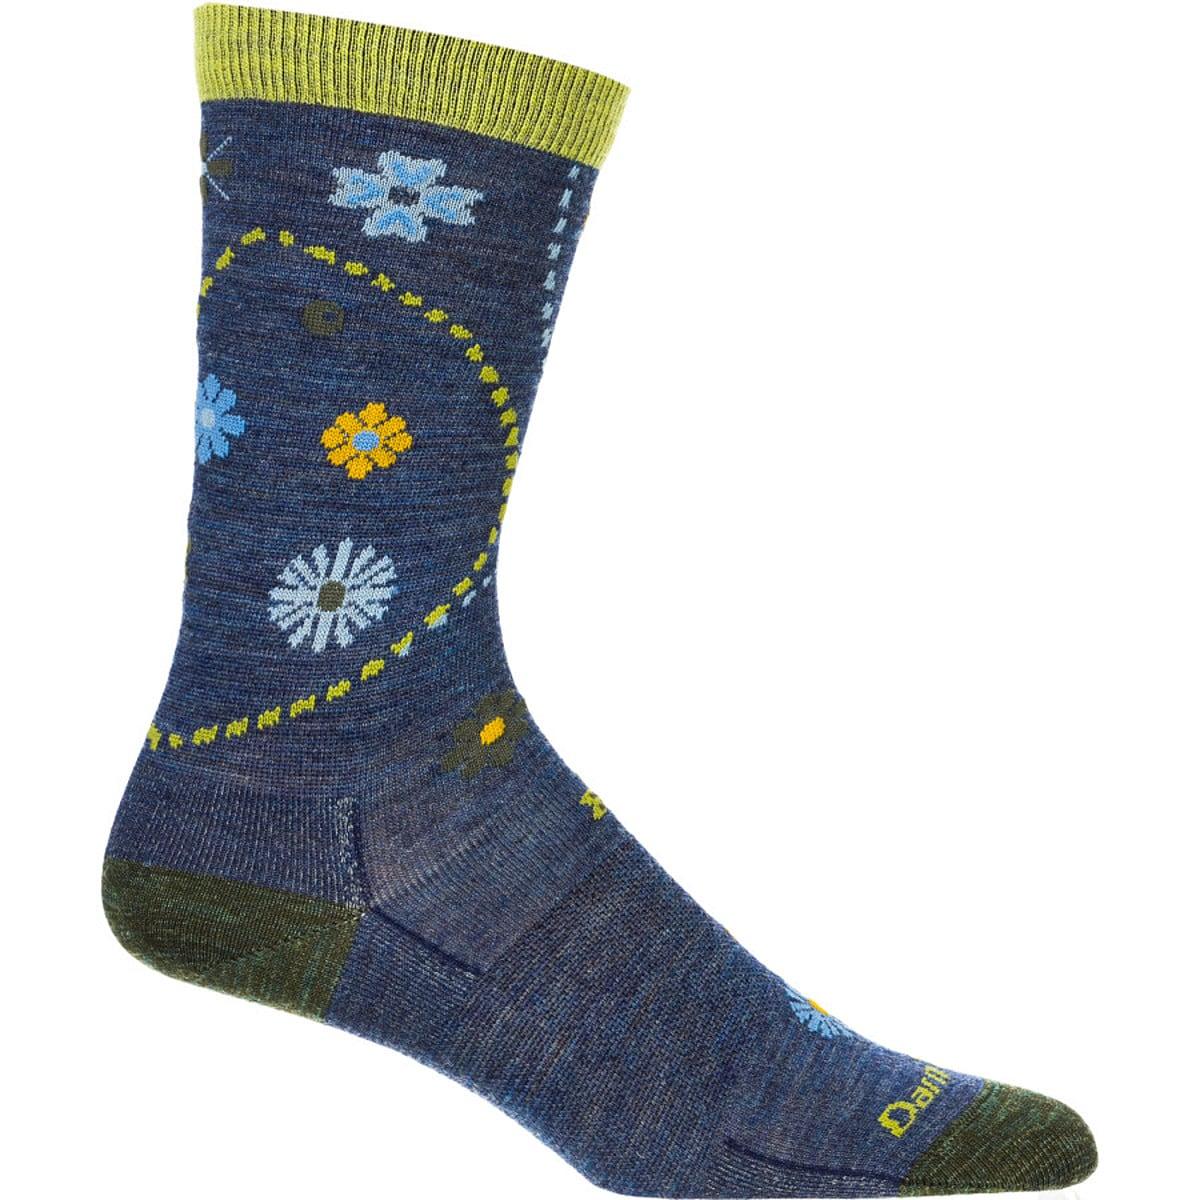 Spring Garden Crew Light Sock - Women